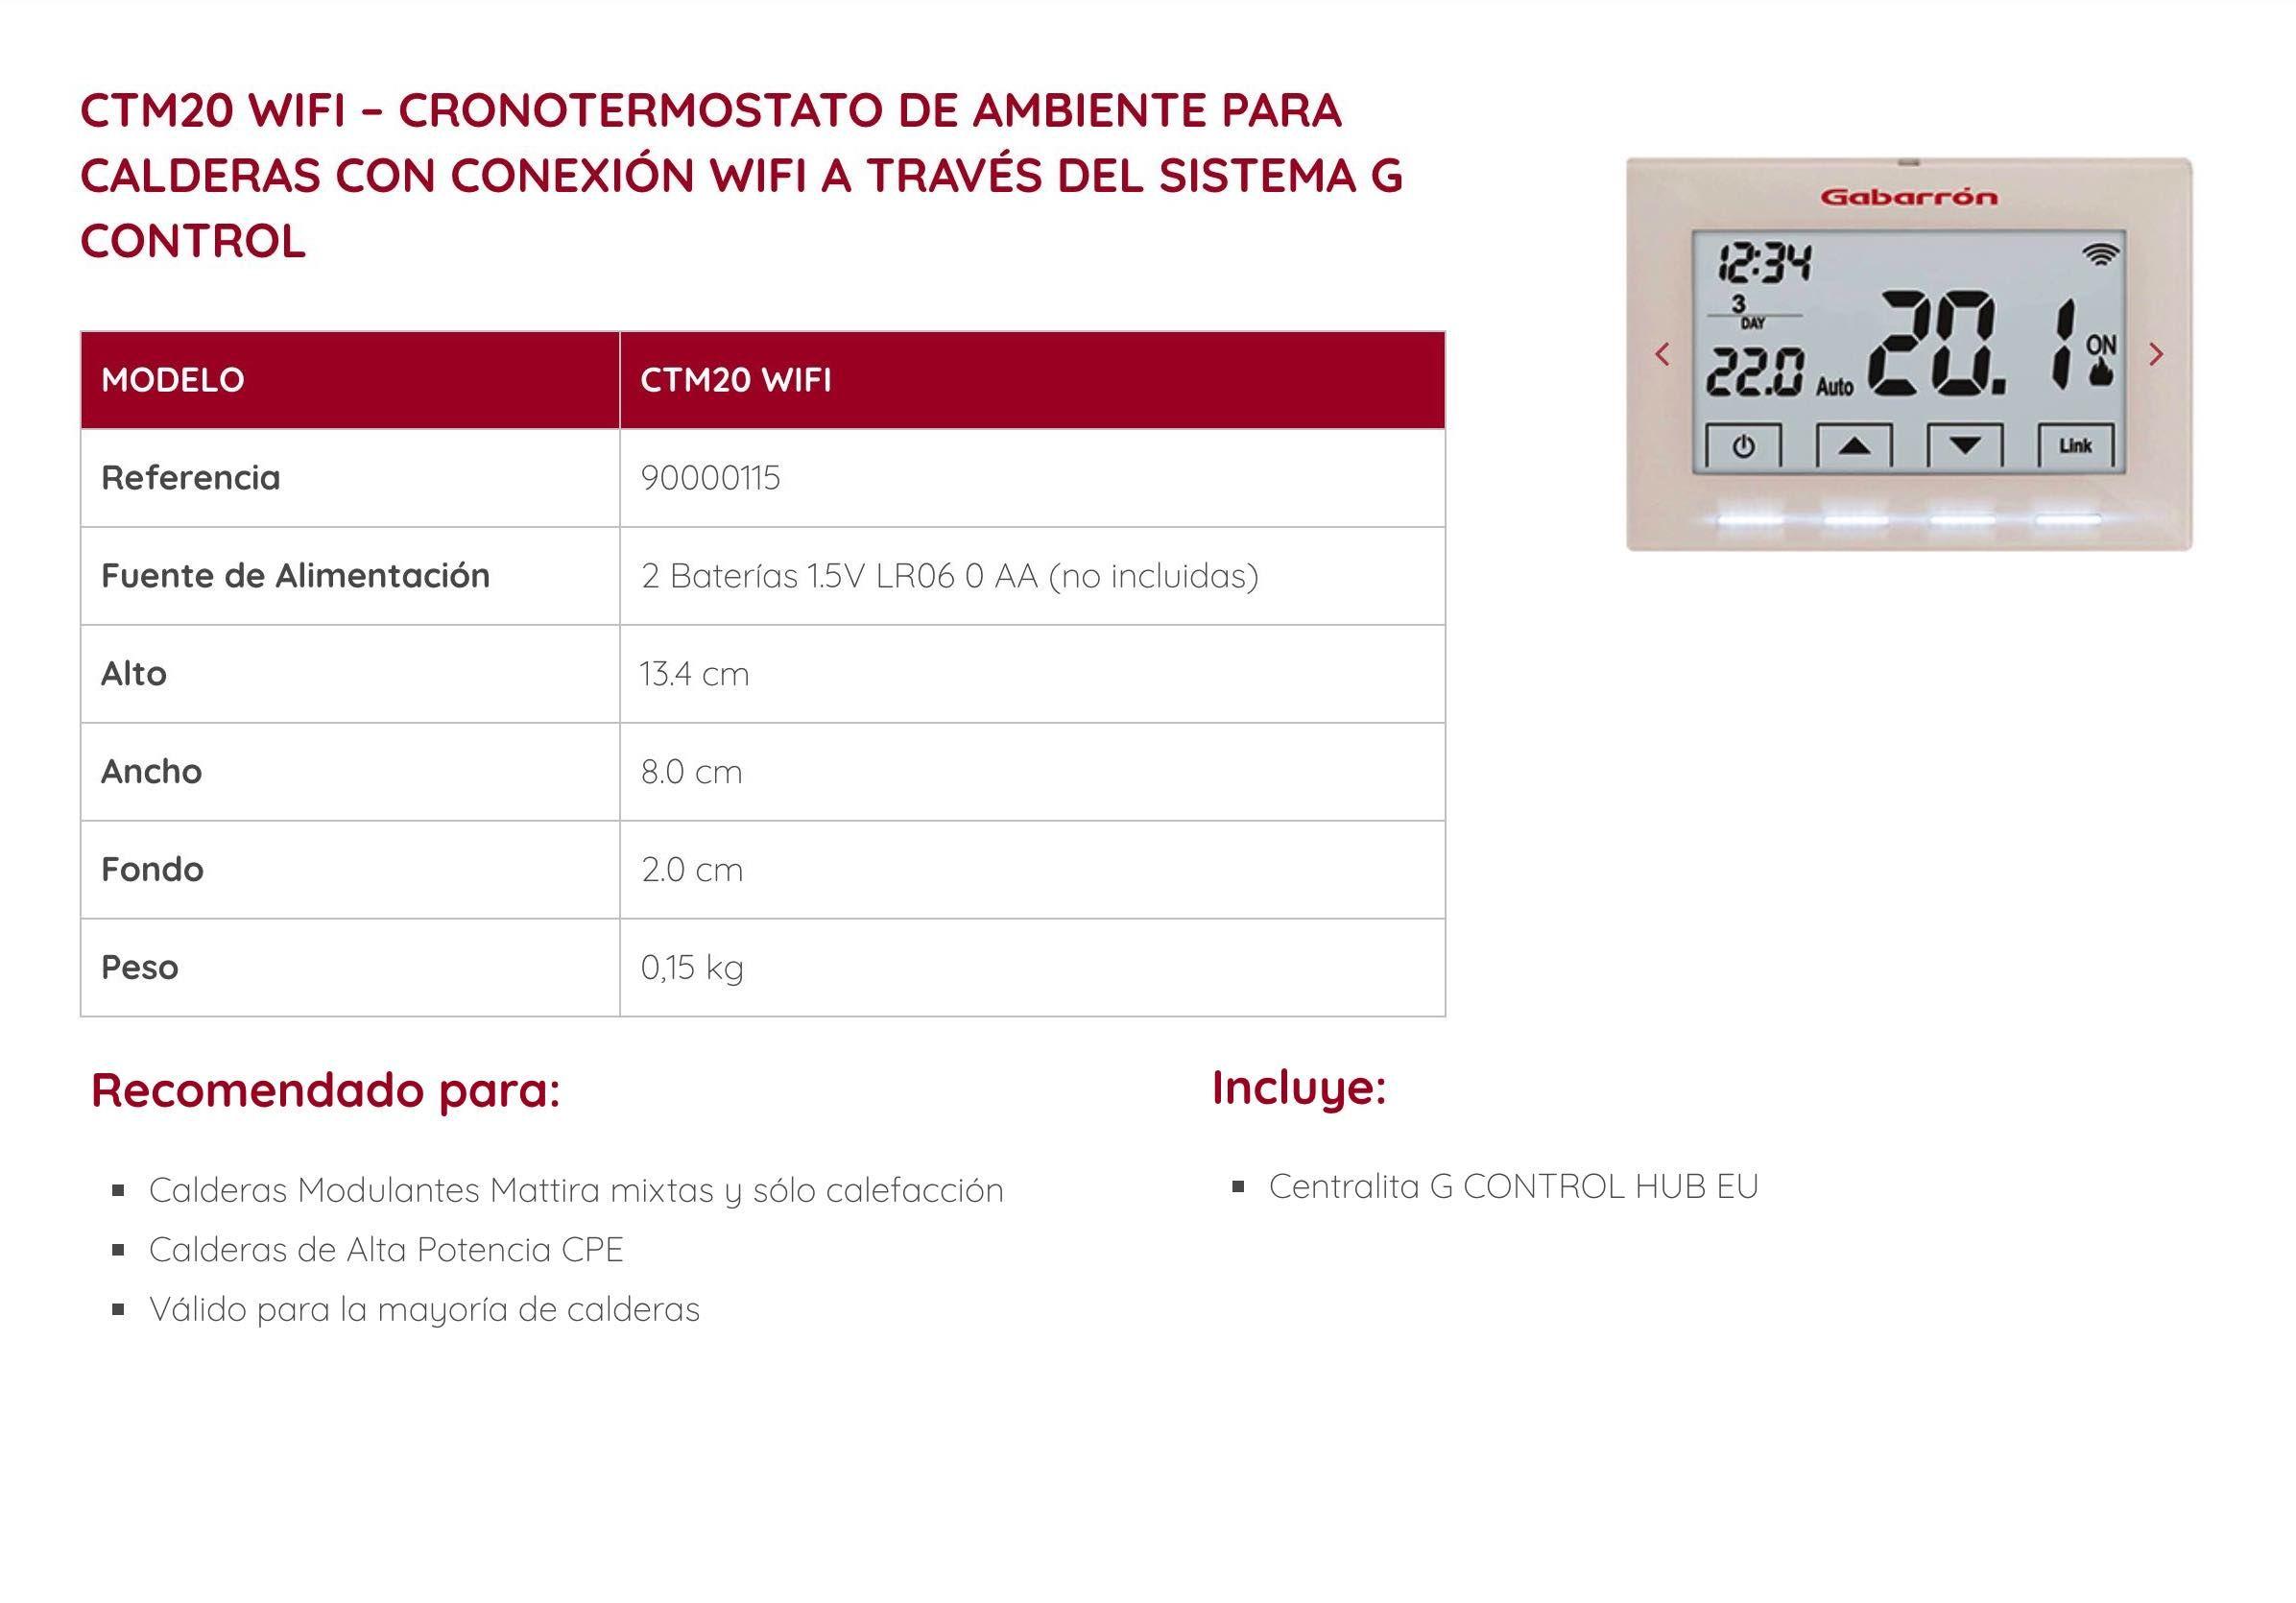 Cronotermostato de ambiente Gabarrón CTM20 Wifi